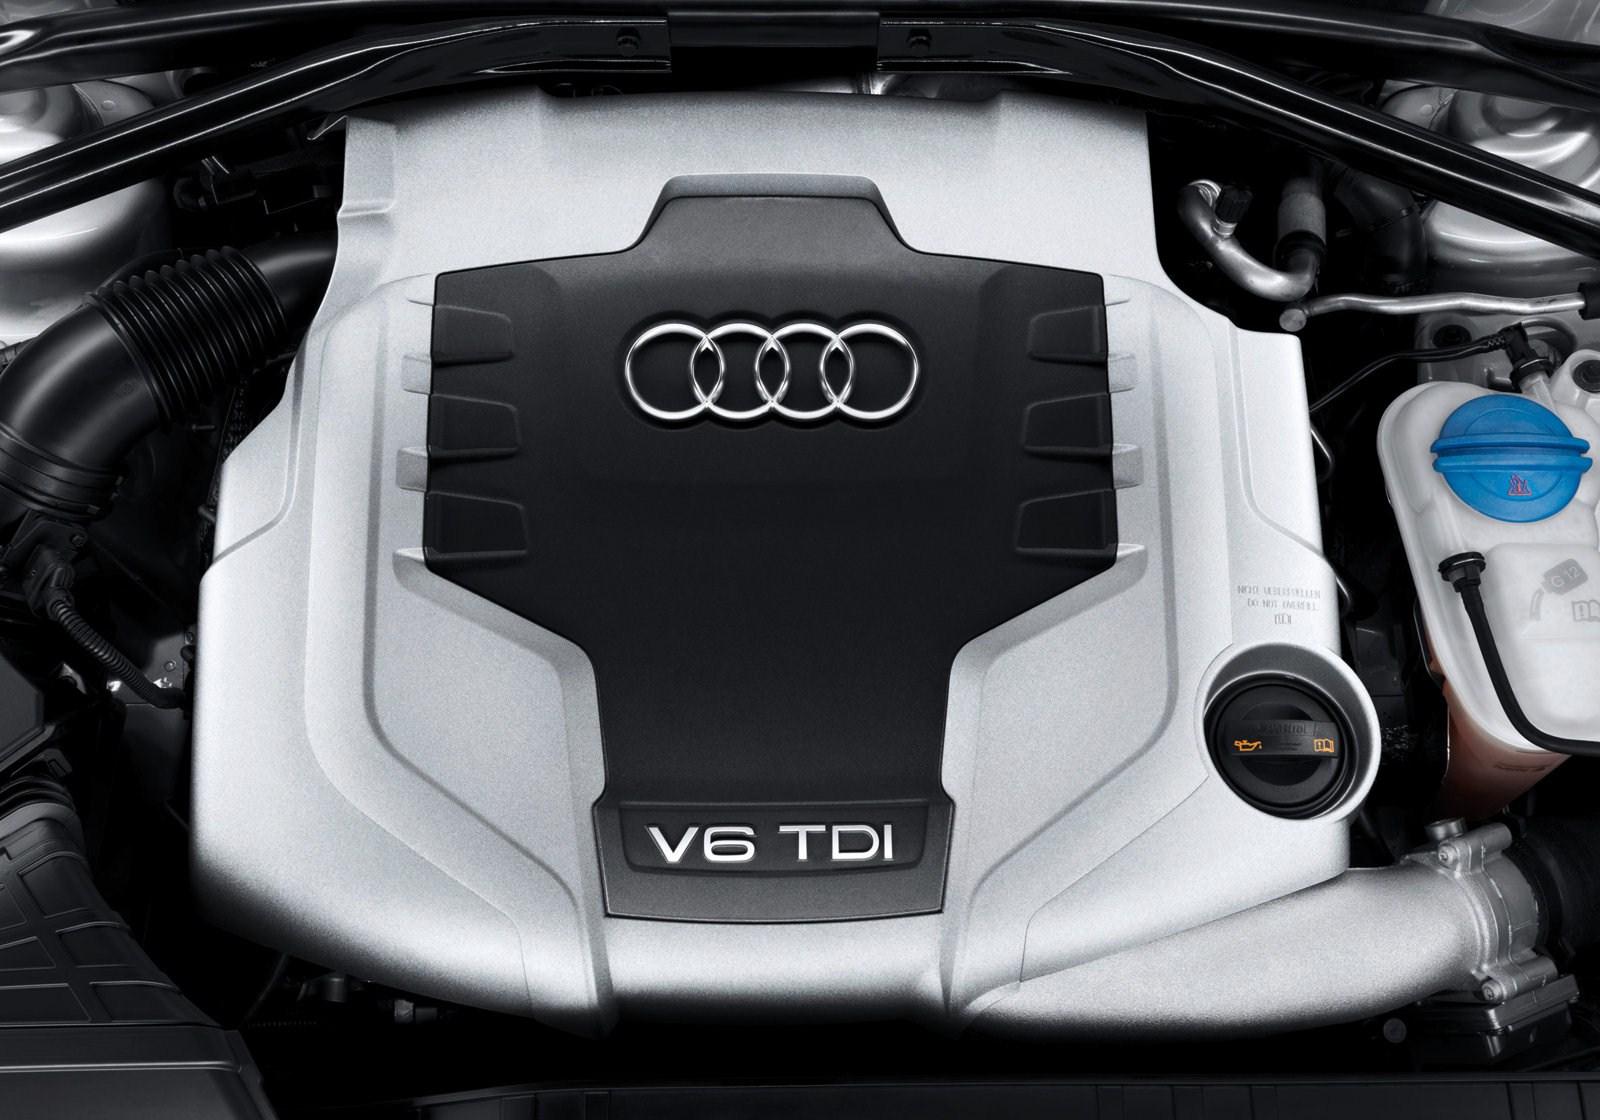 http://2.bp.blogspot.com/_sRGU_JXOz6E/TSj_KJJRg7I/AAAAAAAABIE/IF7Ko6CWI2Y/s1600/Audi-Q5_2009_engine_wallpaper_4c.jpg